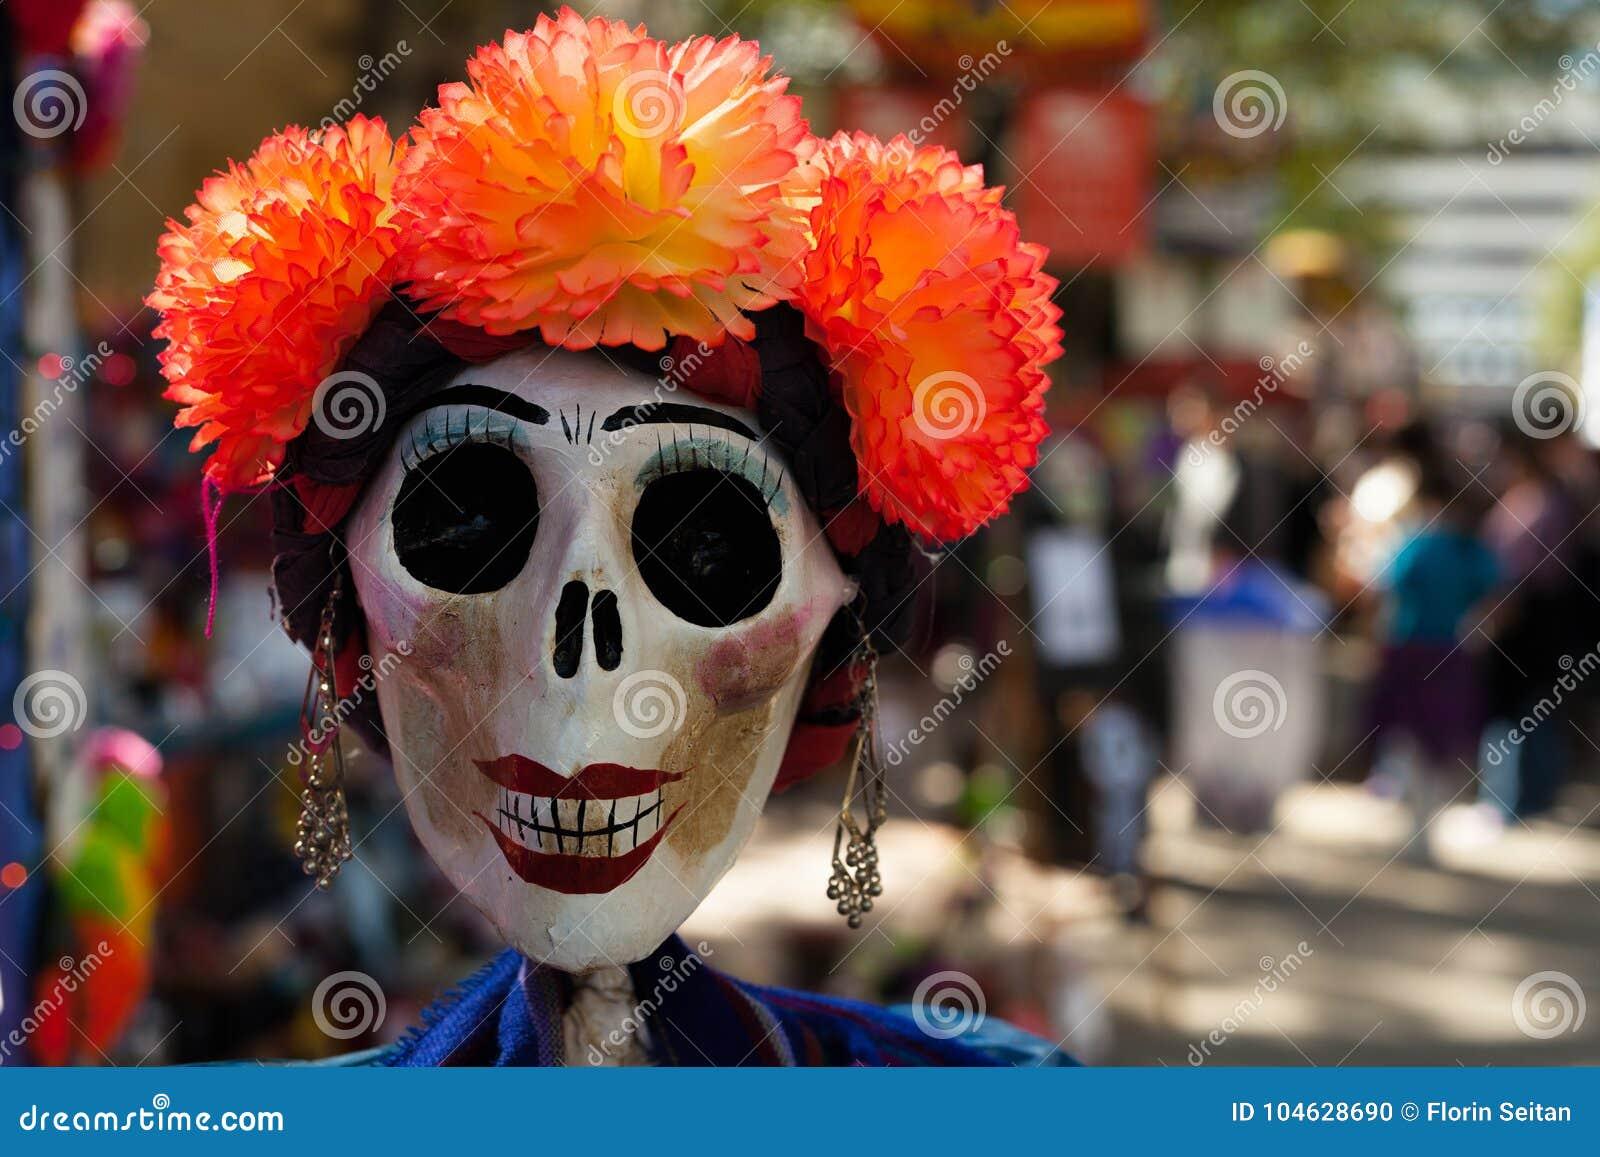 Il cranio dipinto e decorato con i fiori e gli orecchini di carta arancio del mache/ha decorato il cranio per Dia de los Muertos,